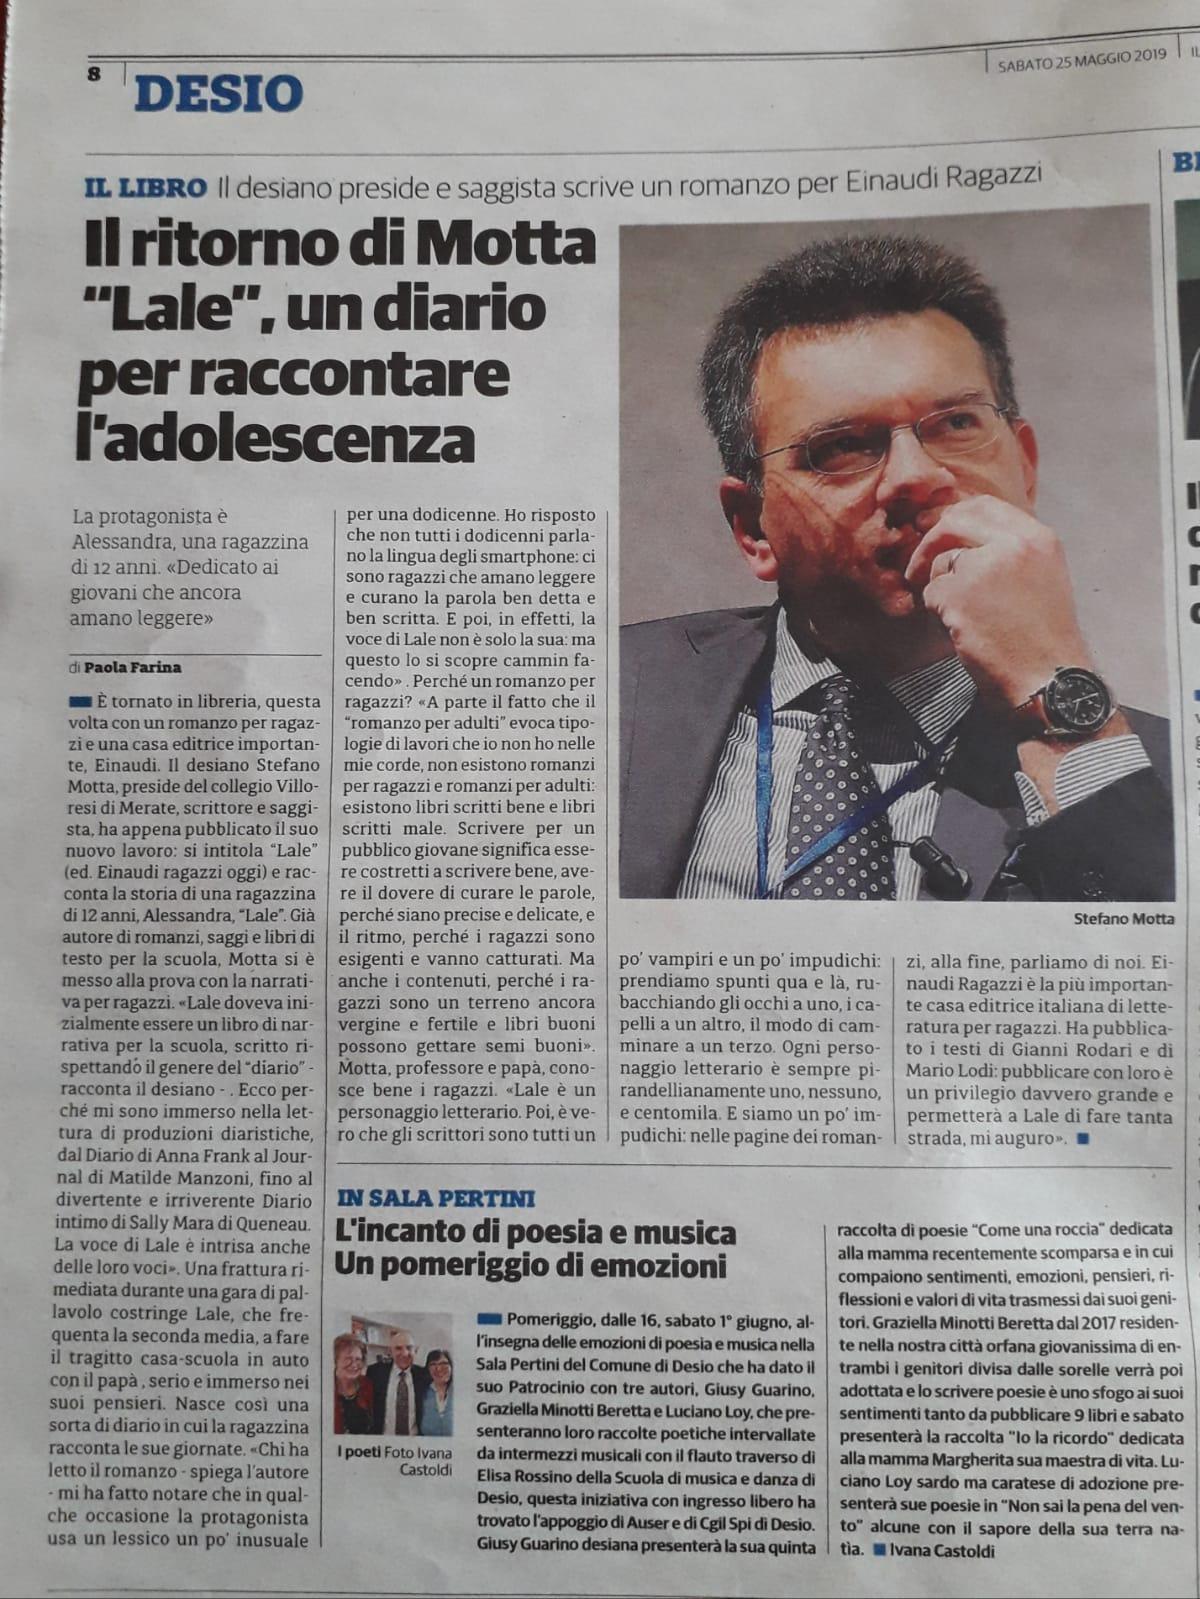 IlCittadino_25maggio2019, p. 8